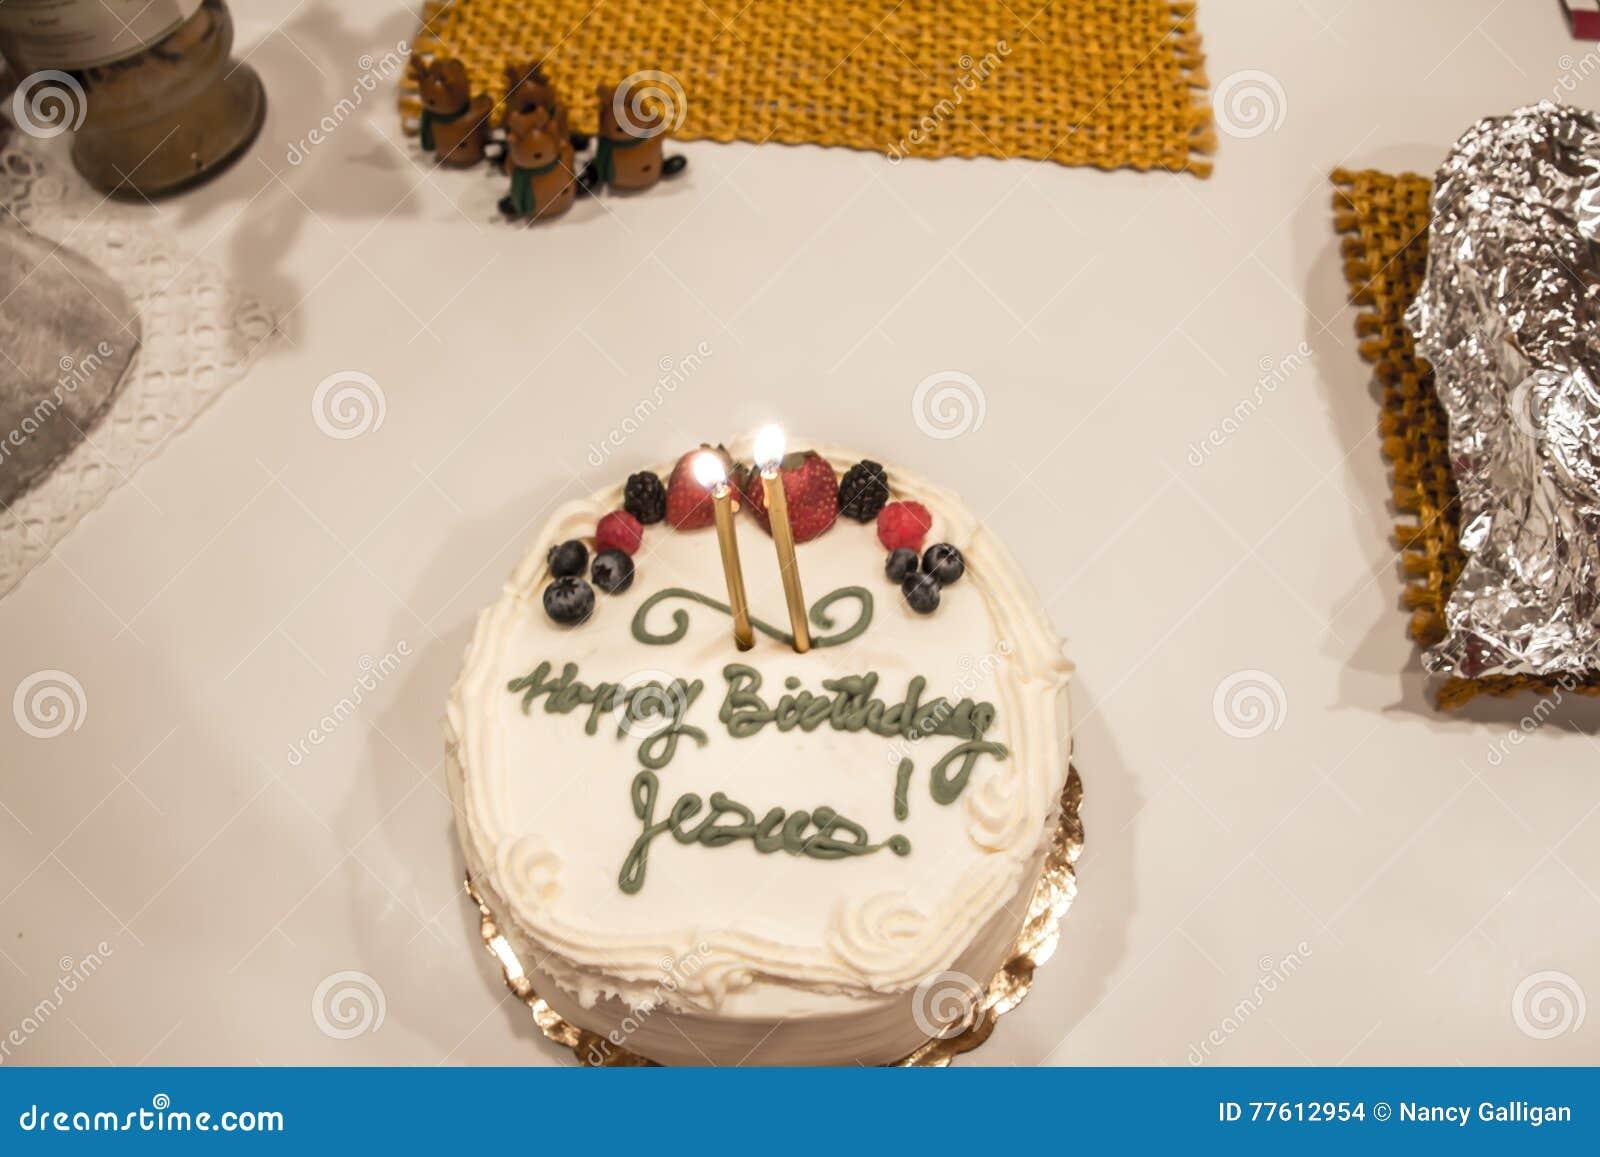 Gateau anniversaire pour noel